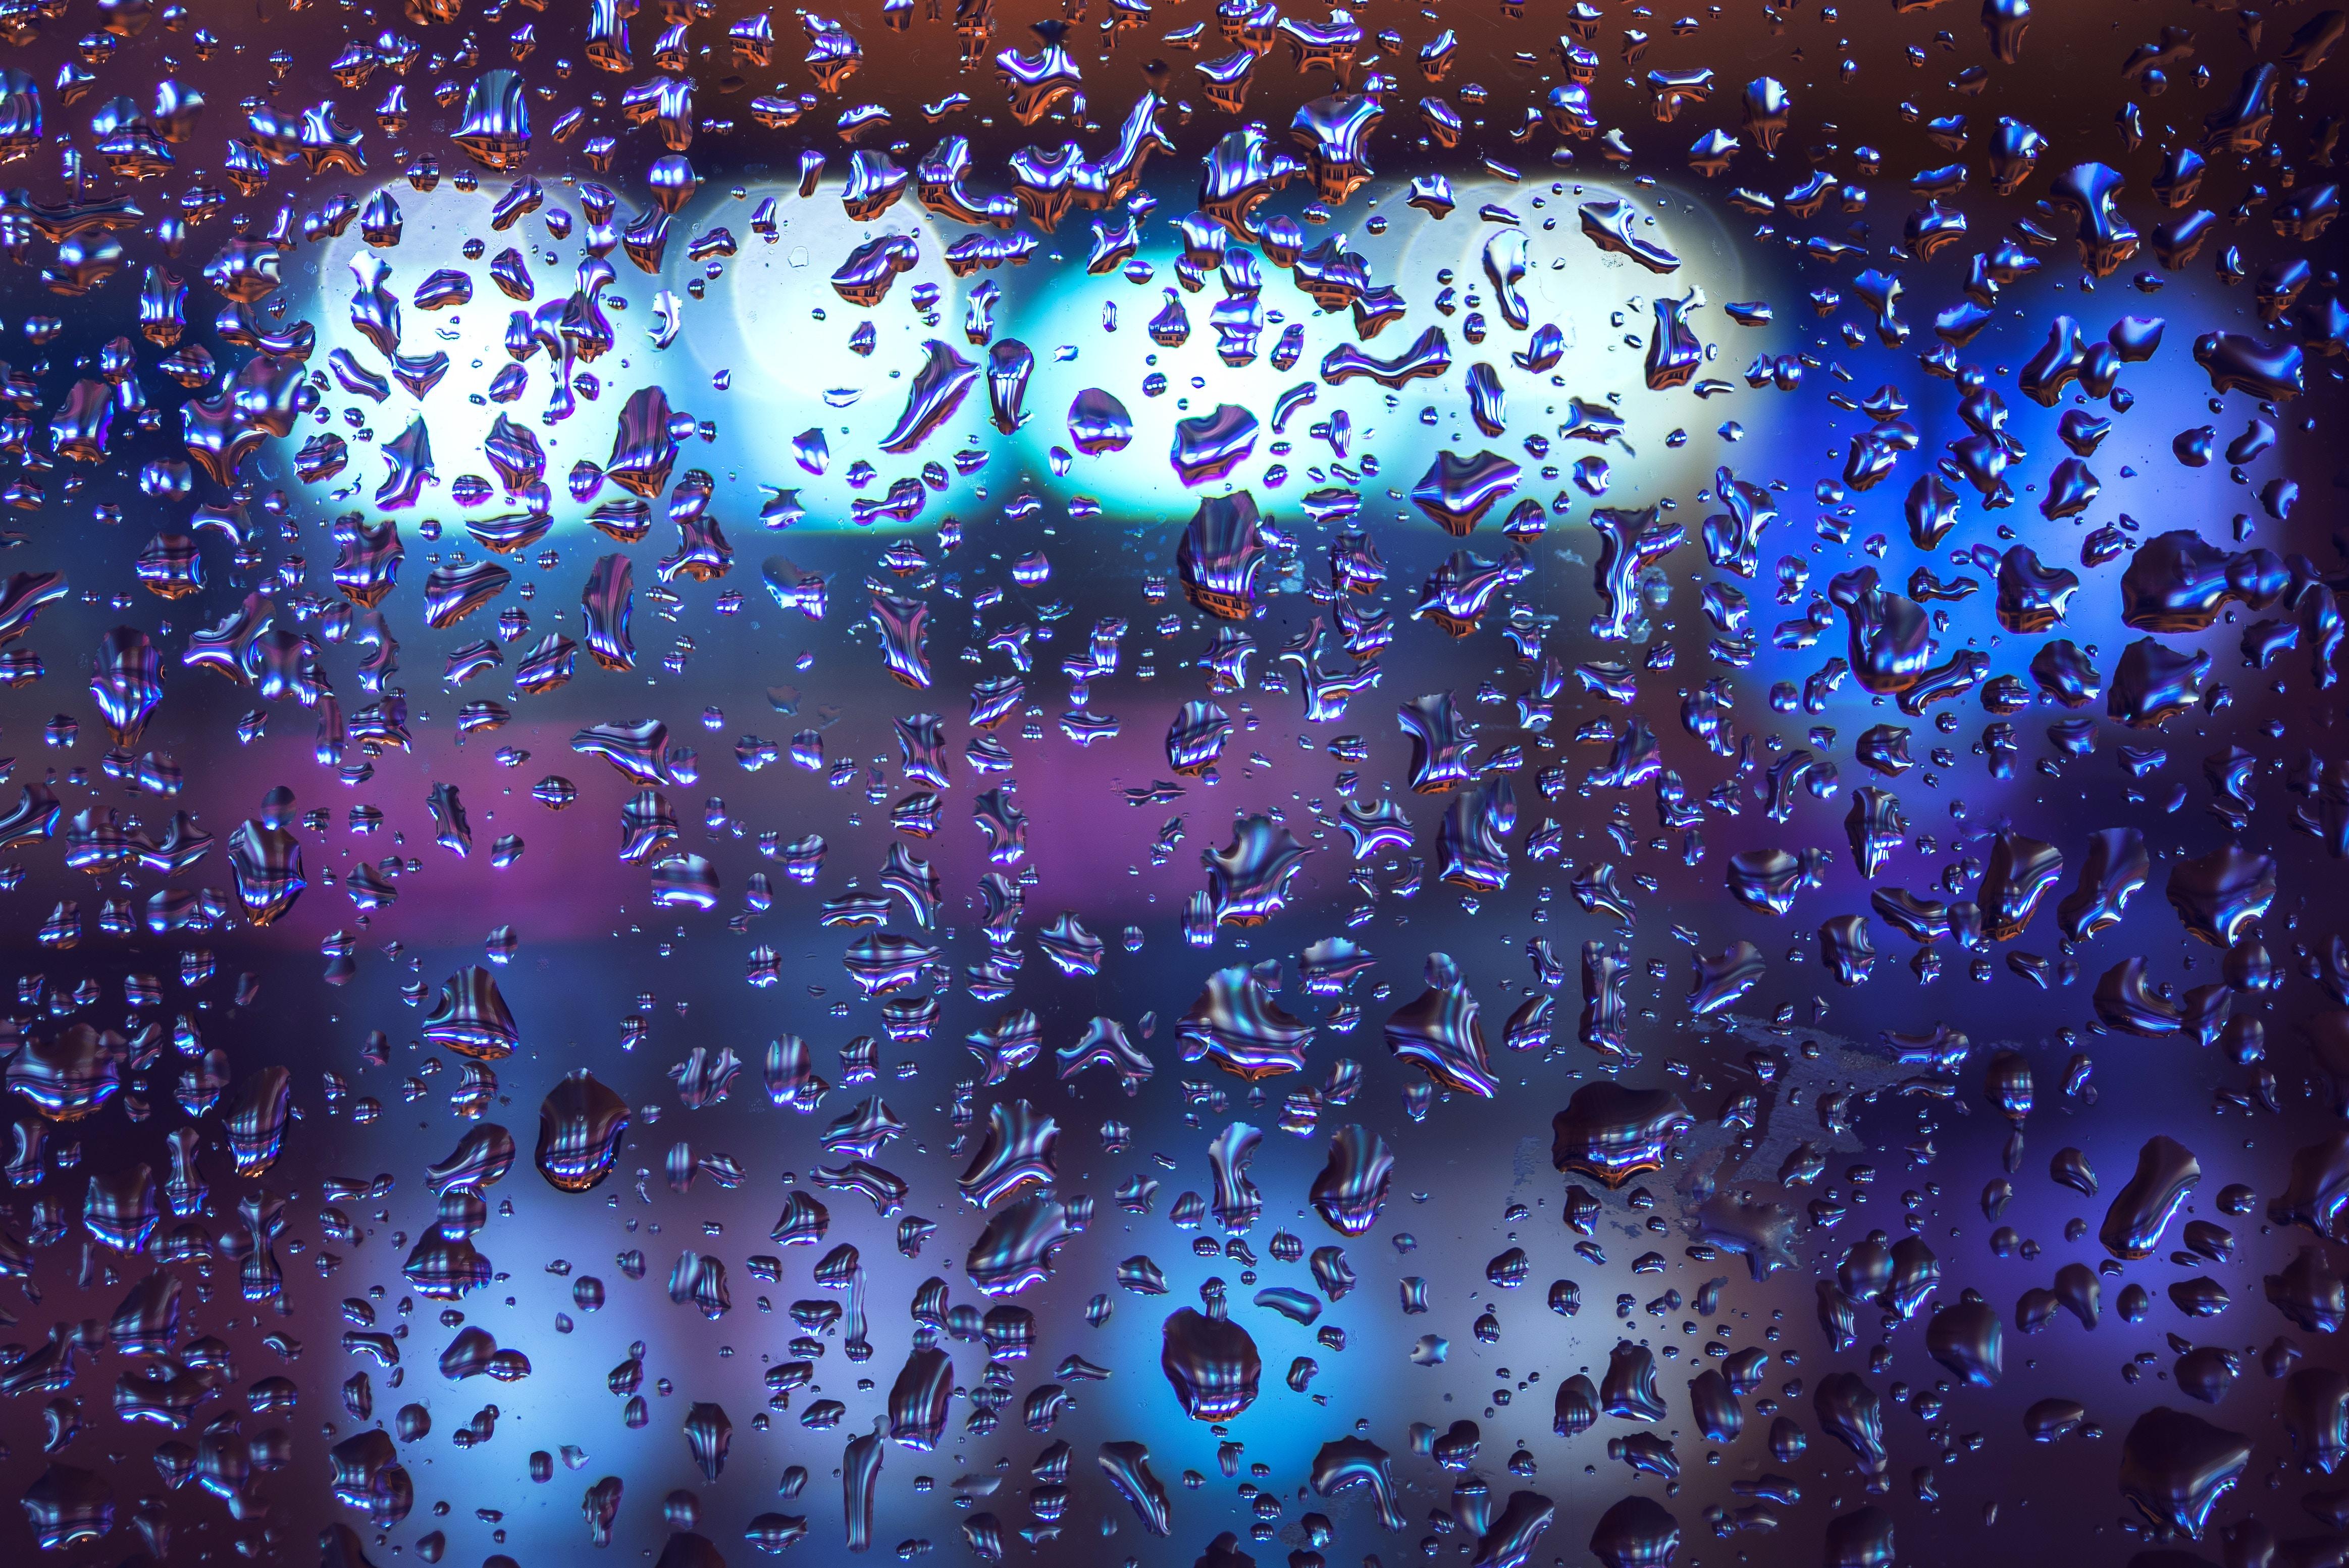 120282 скачать обои Макро, Капли, Стекло, Дождь, Влага, Поверхность, Объем - заставки и картинки бесплатно